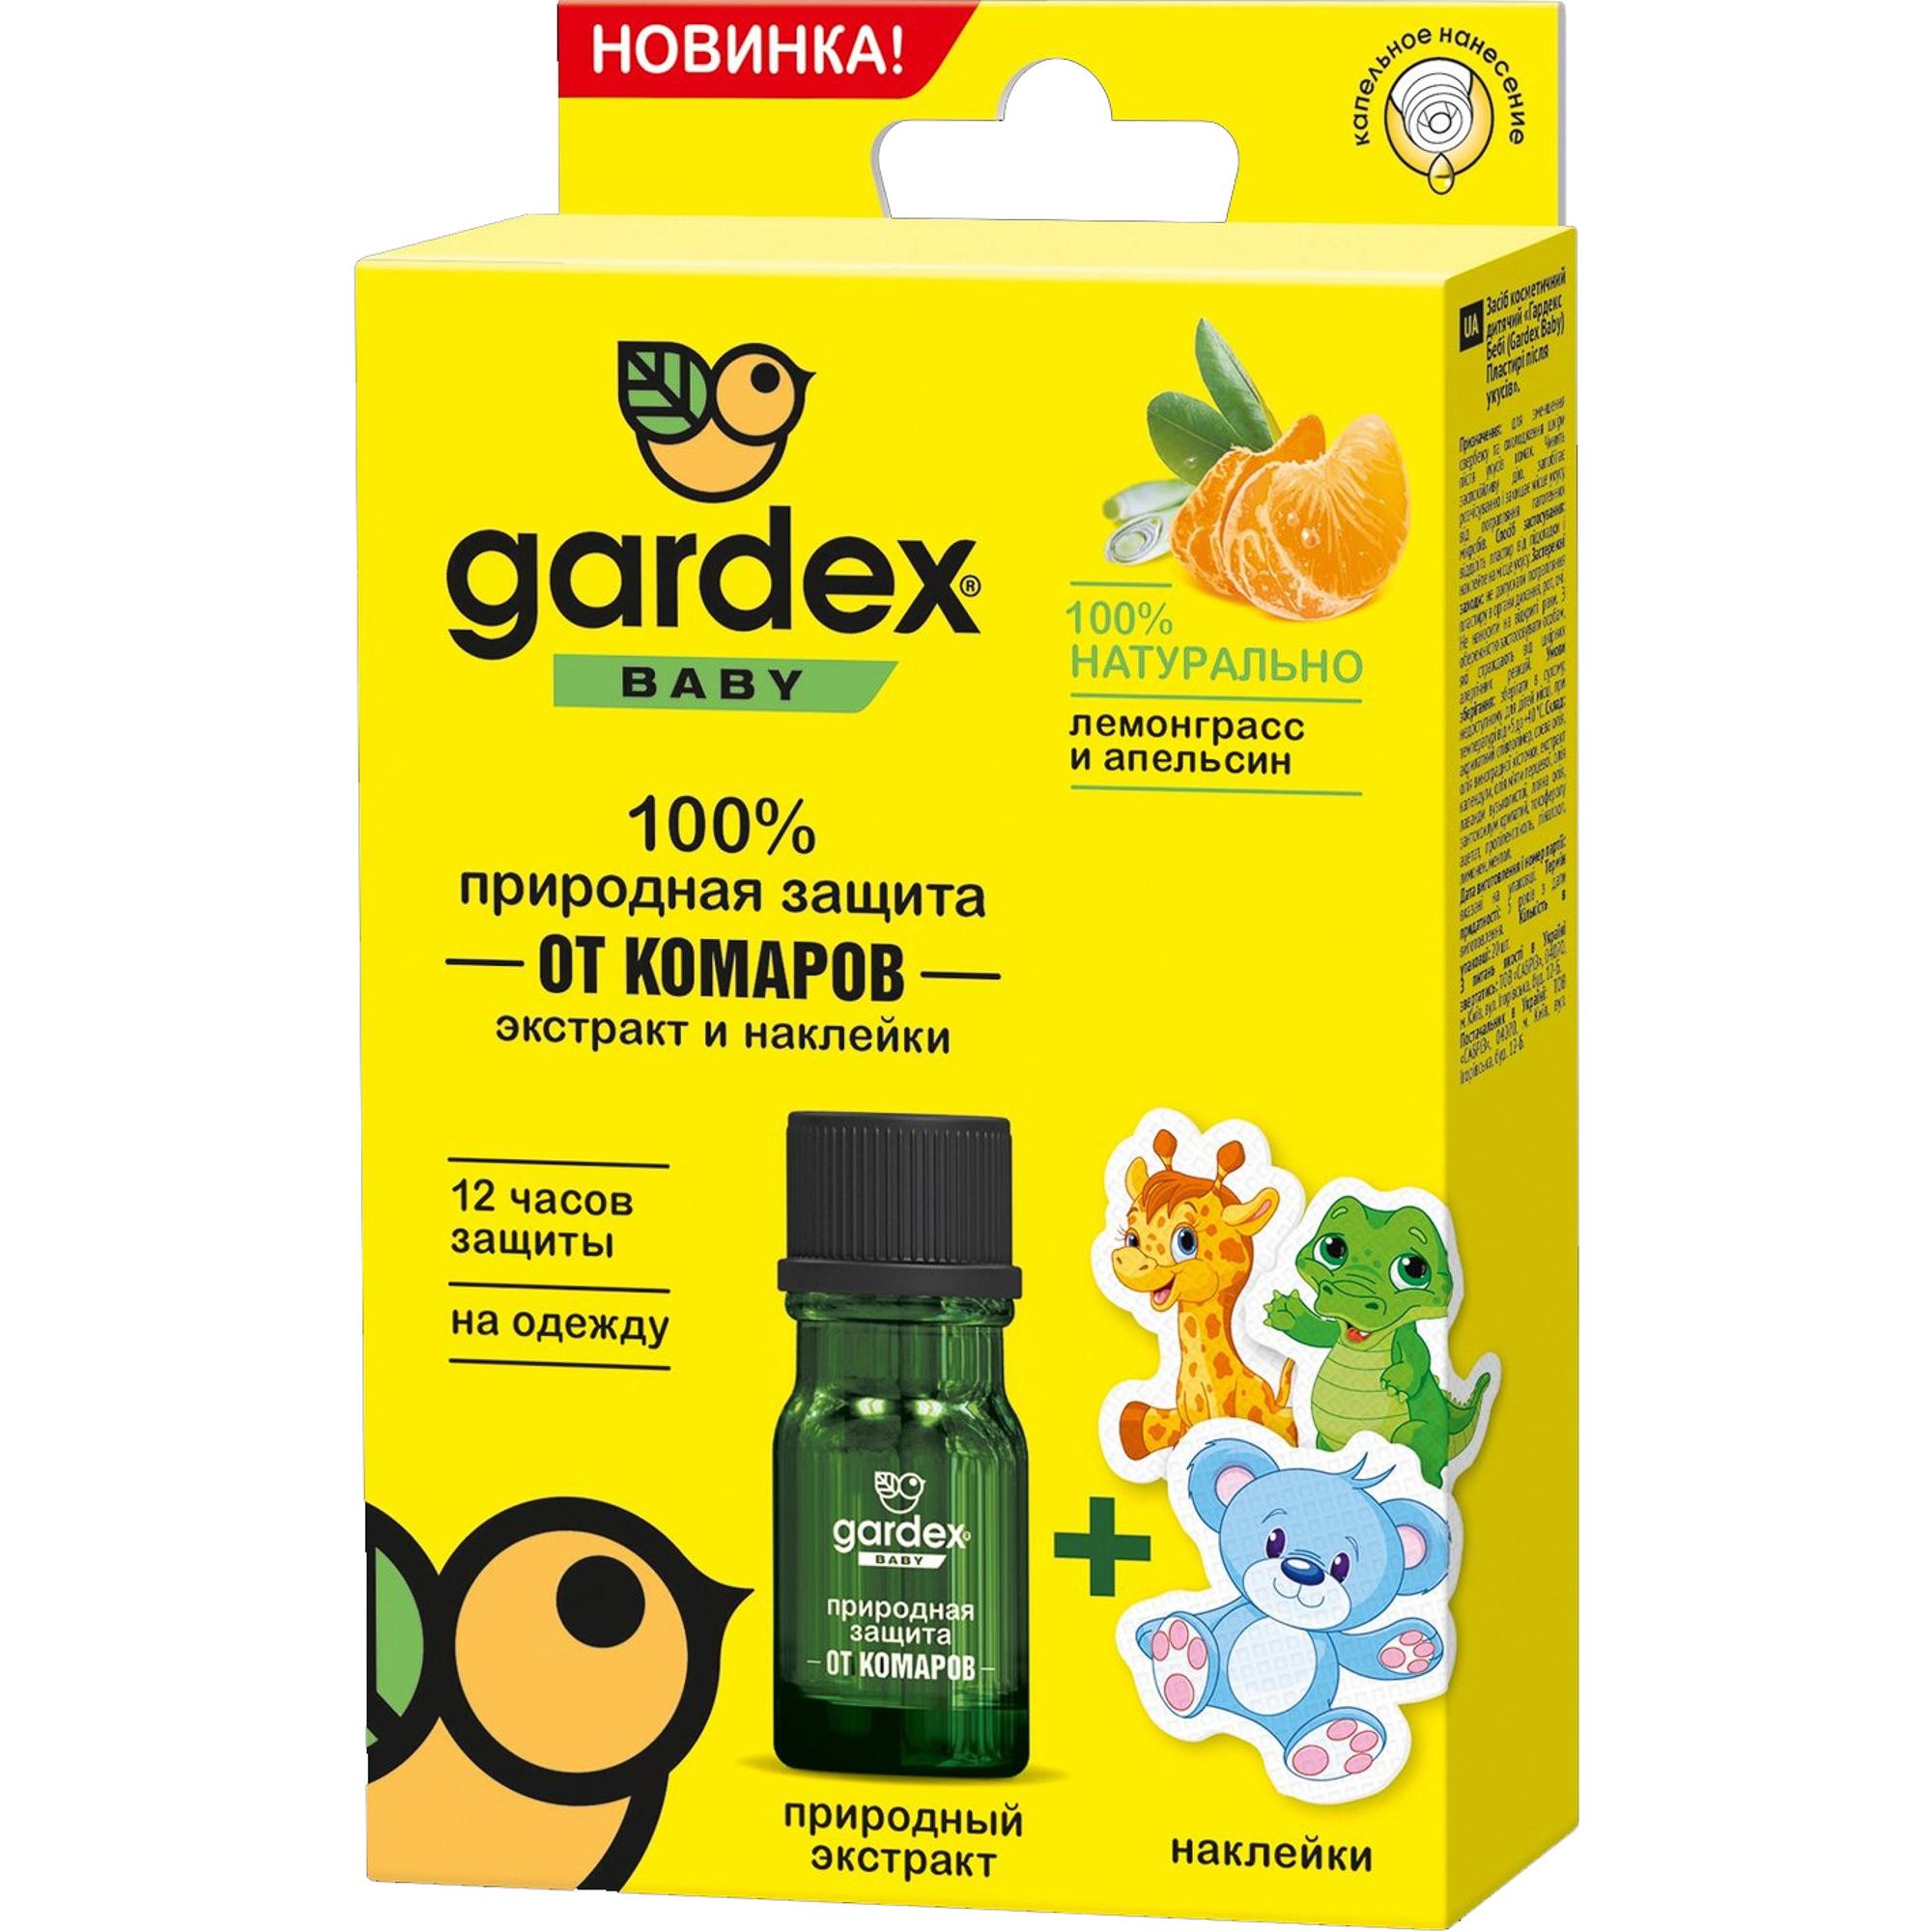 Экстракт и наклейки Gardex Baby Природная защита от комаров 9 шт.